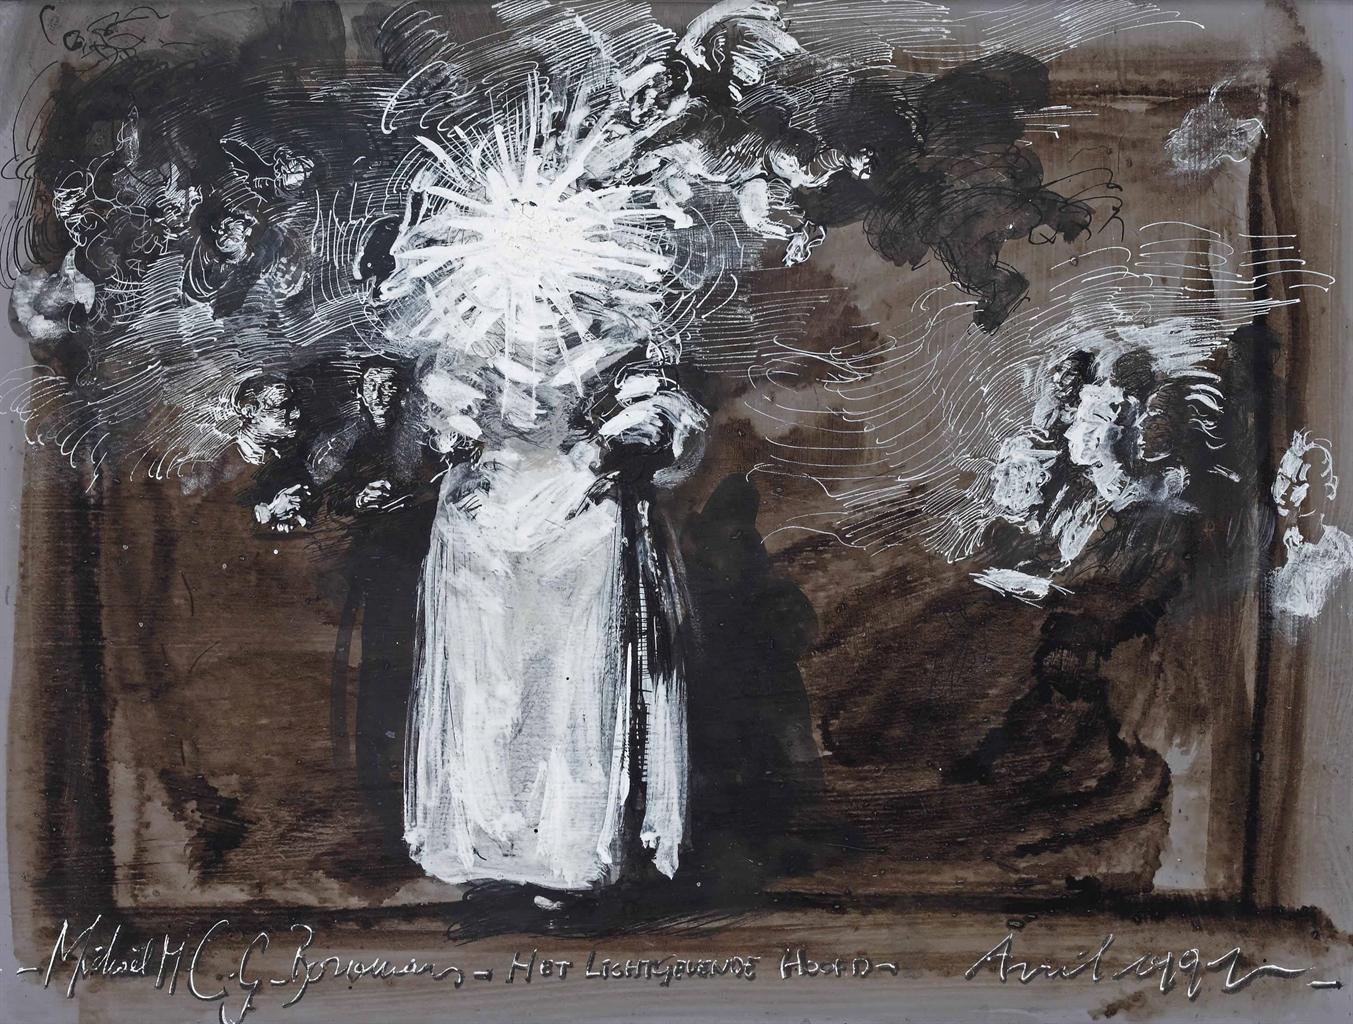 Michael Borremans-Het Lichtgevende Hoofd (The Luminous Head)-1992